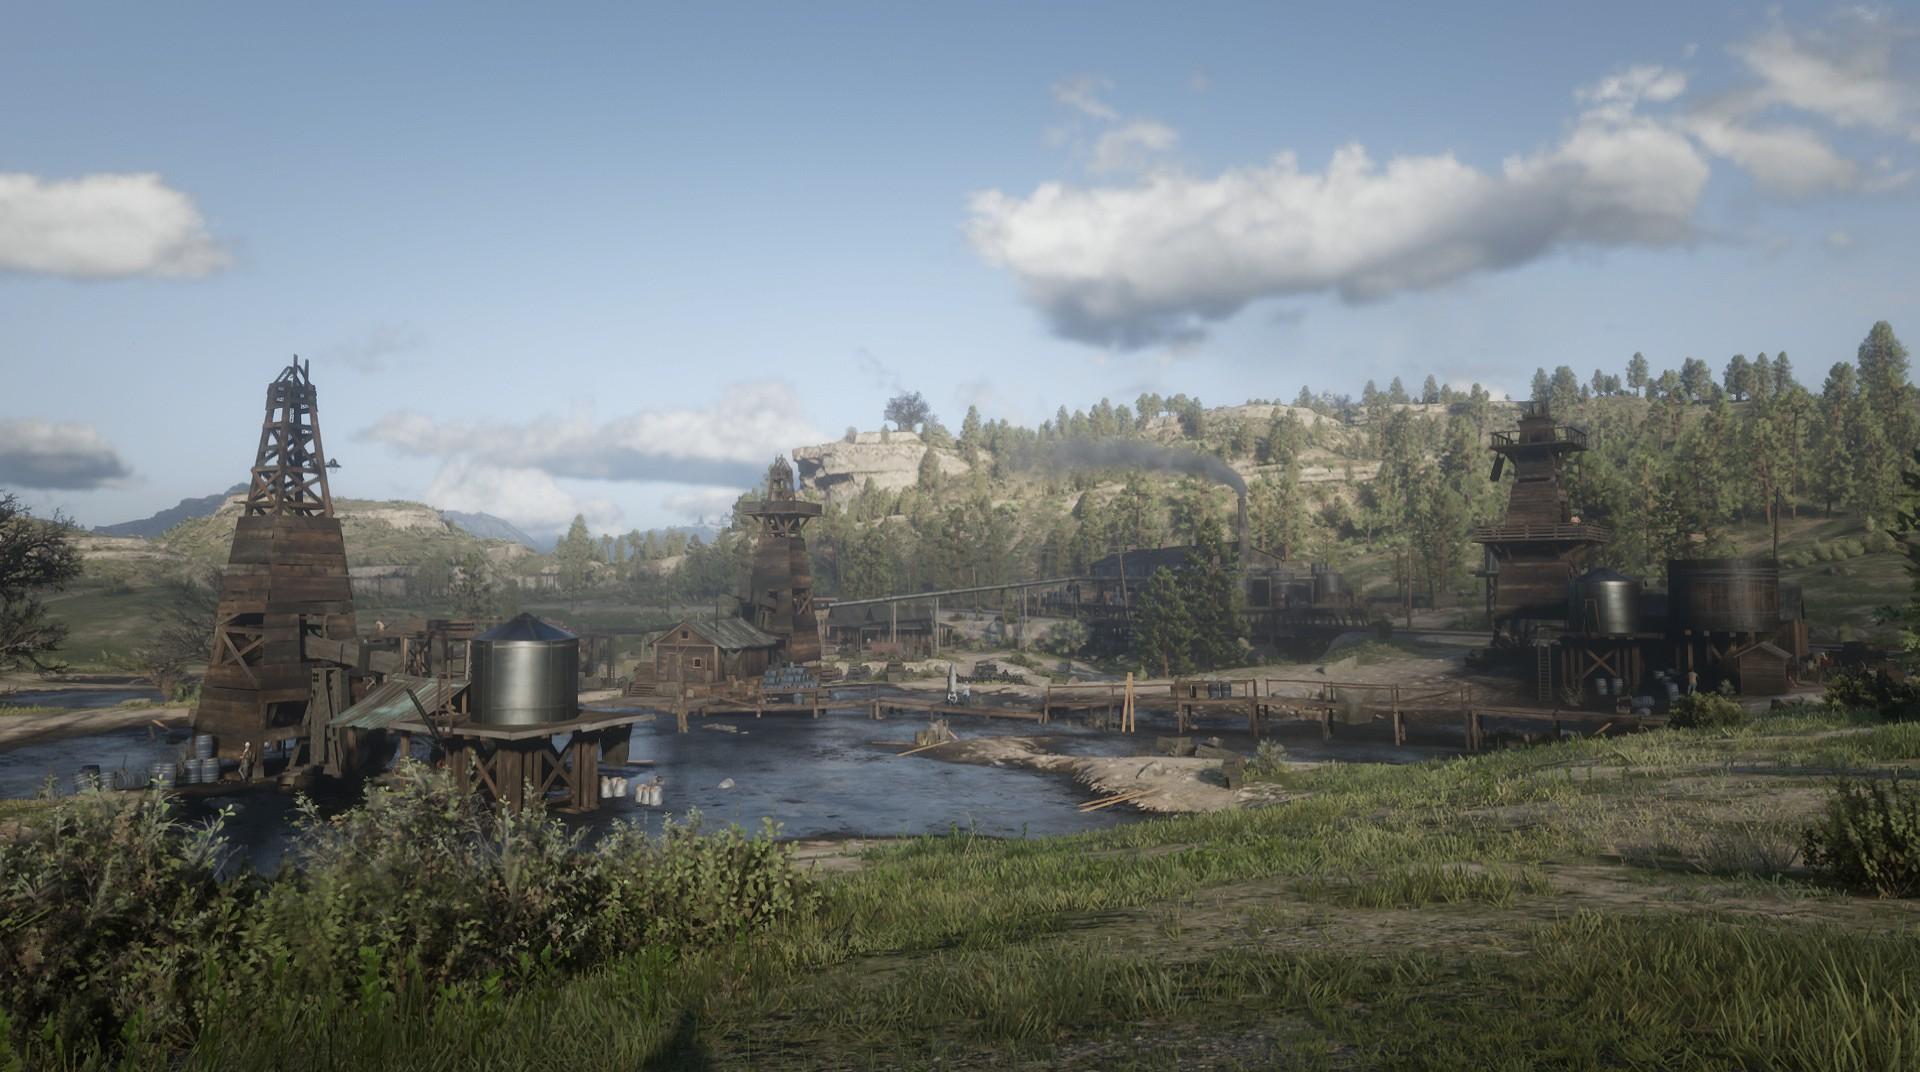 Heartland Oil Fields